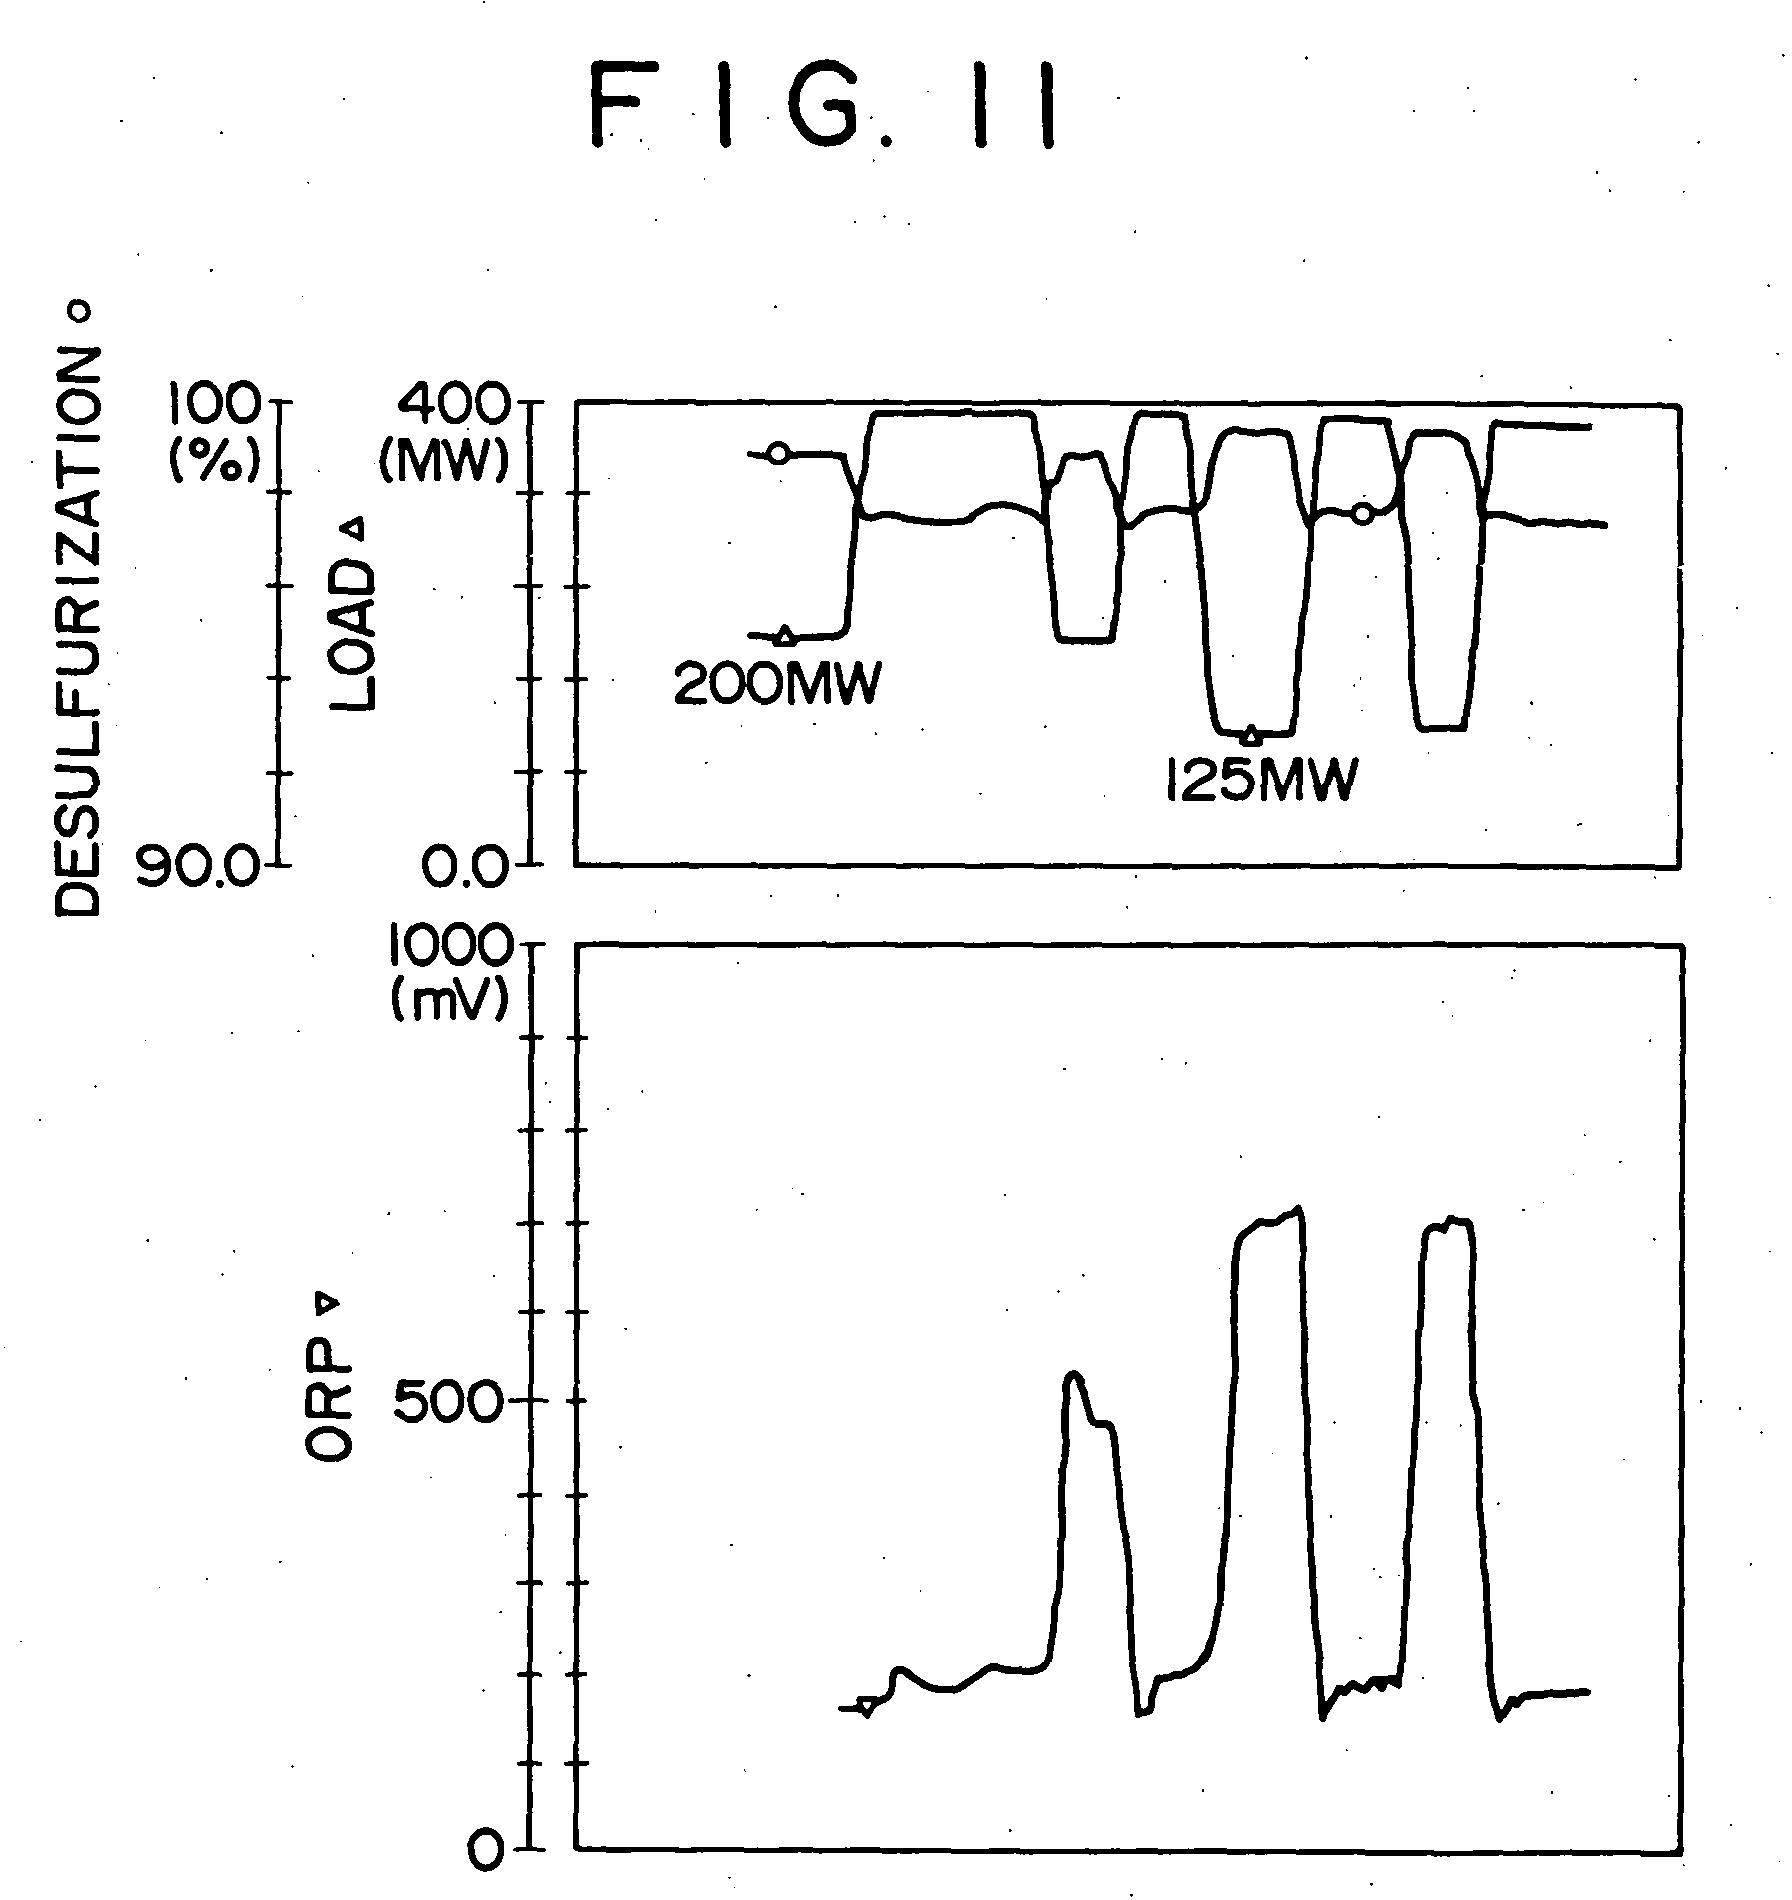 专利ep1386654a1 - method